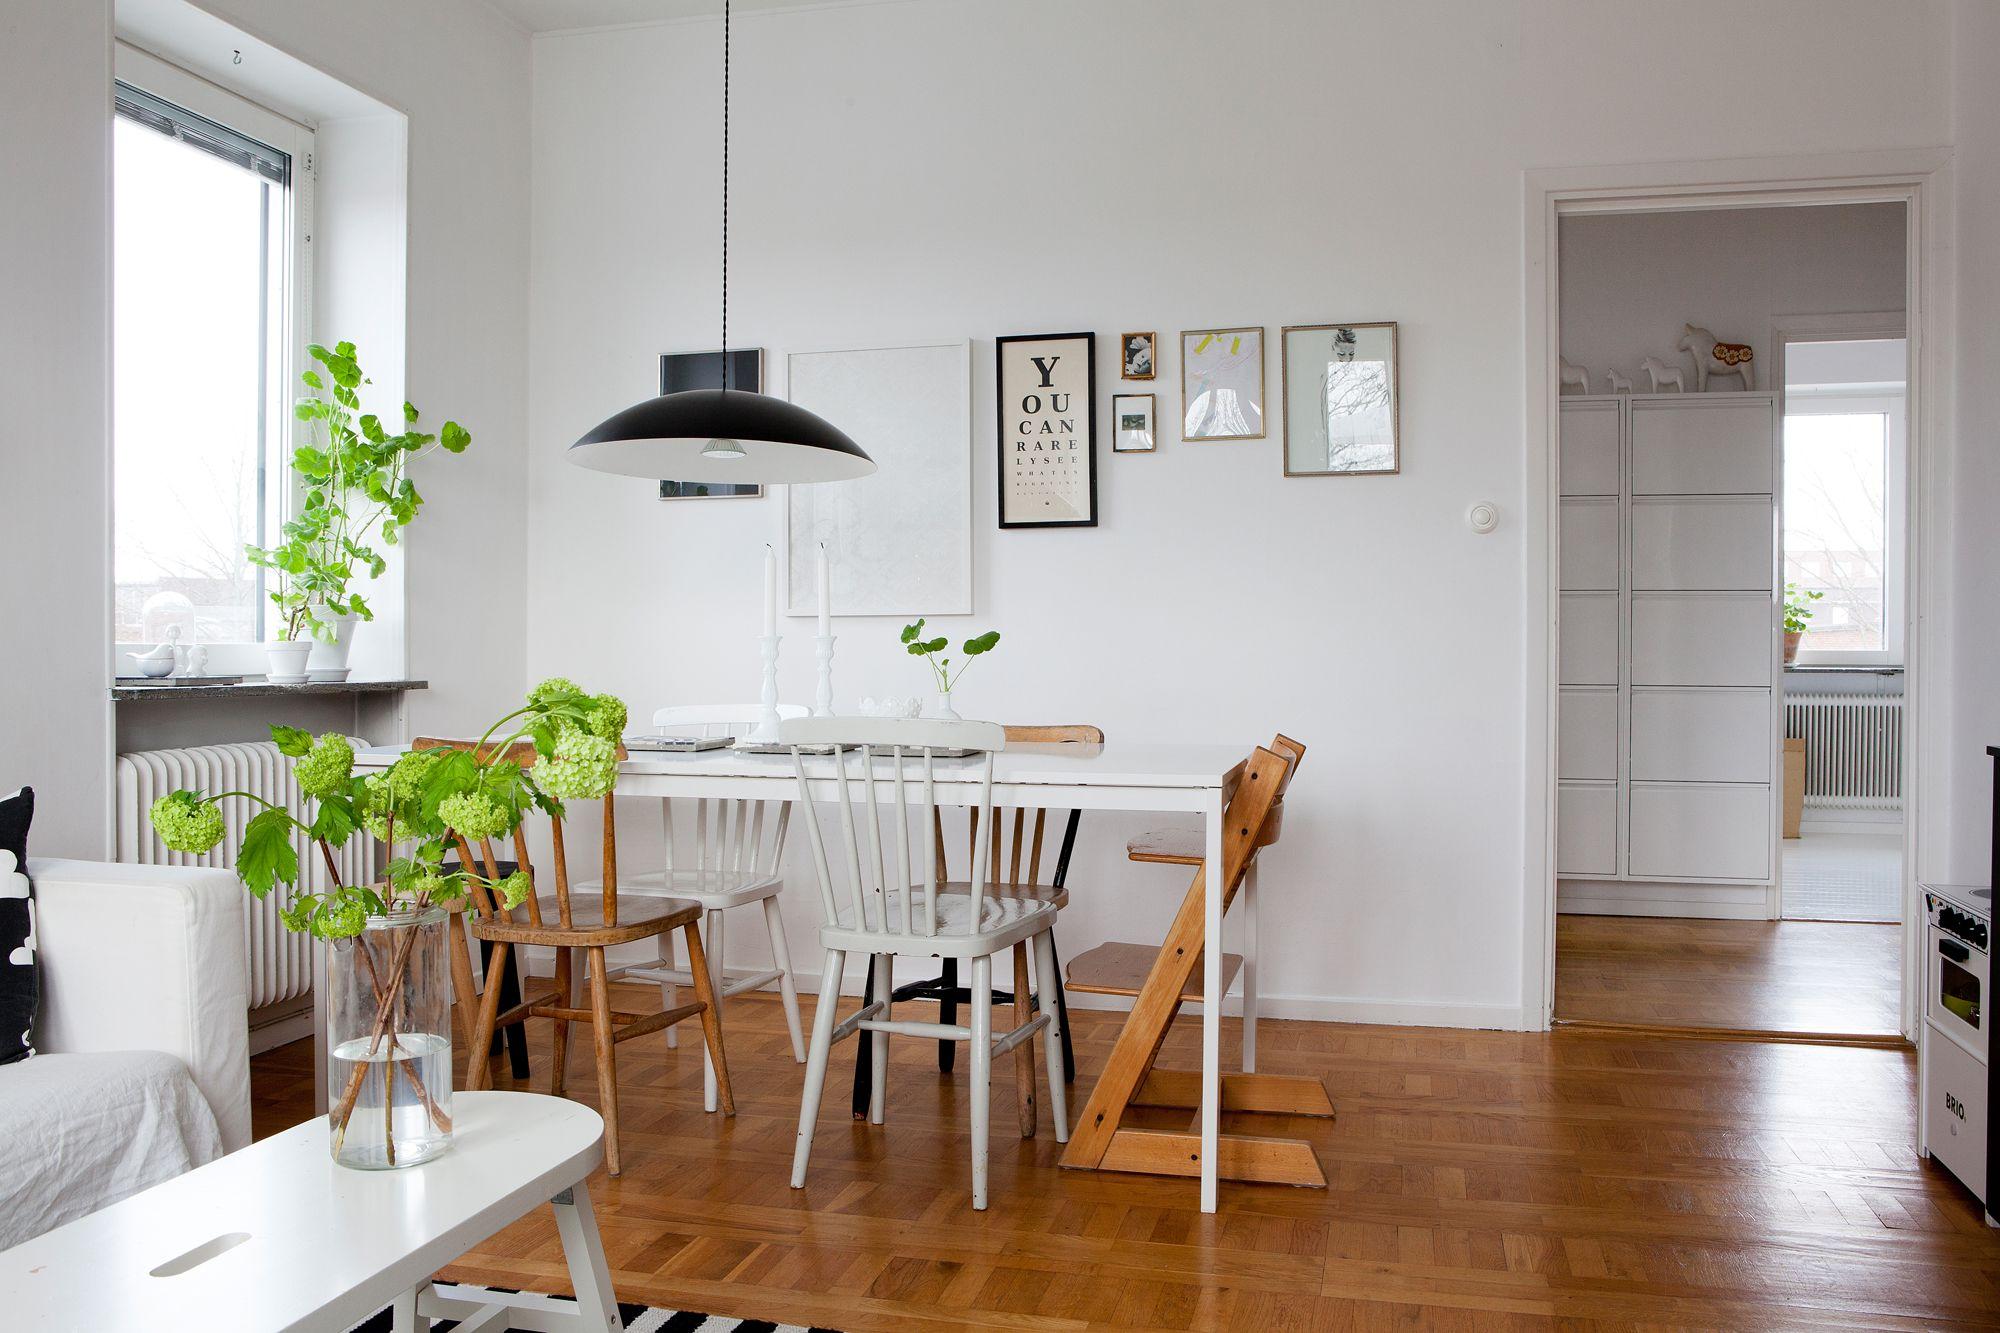 Vidas Modernas En Pisos Antiguos Blog Tienda Decoraci N Estilo  ~ Decorar Apartamento Pequeño Ikea